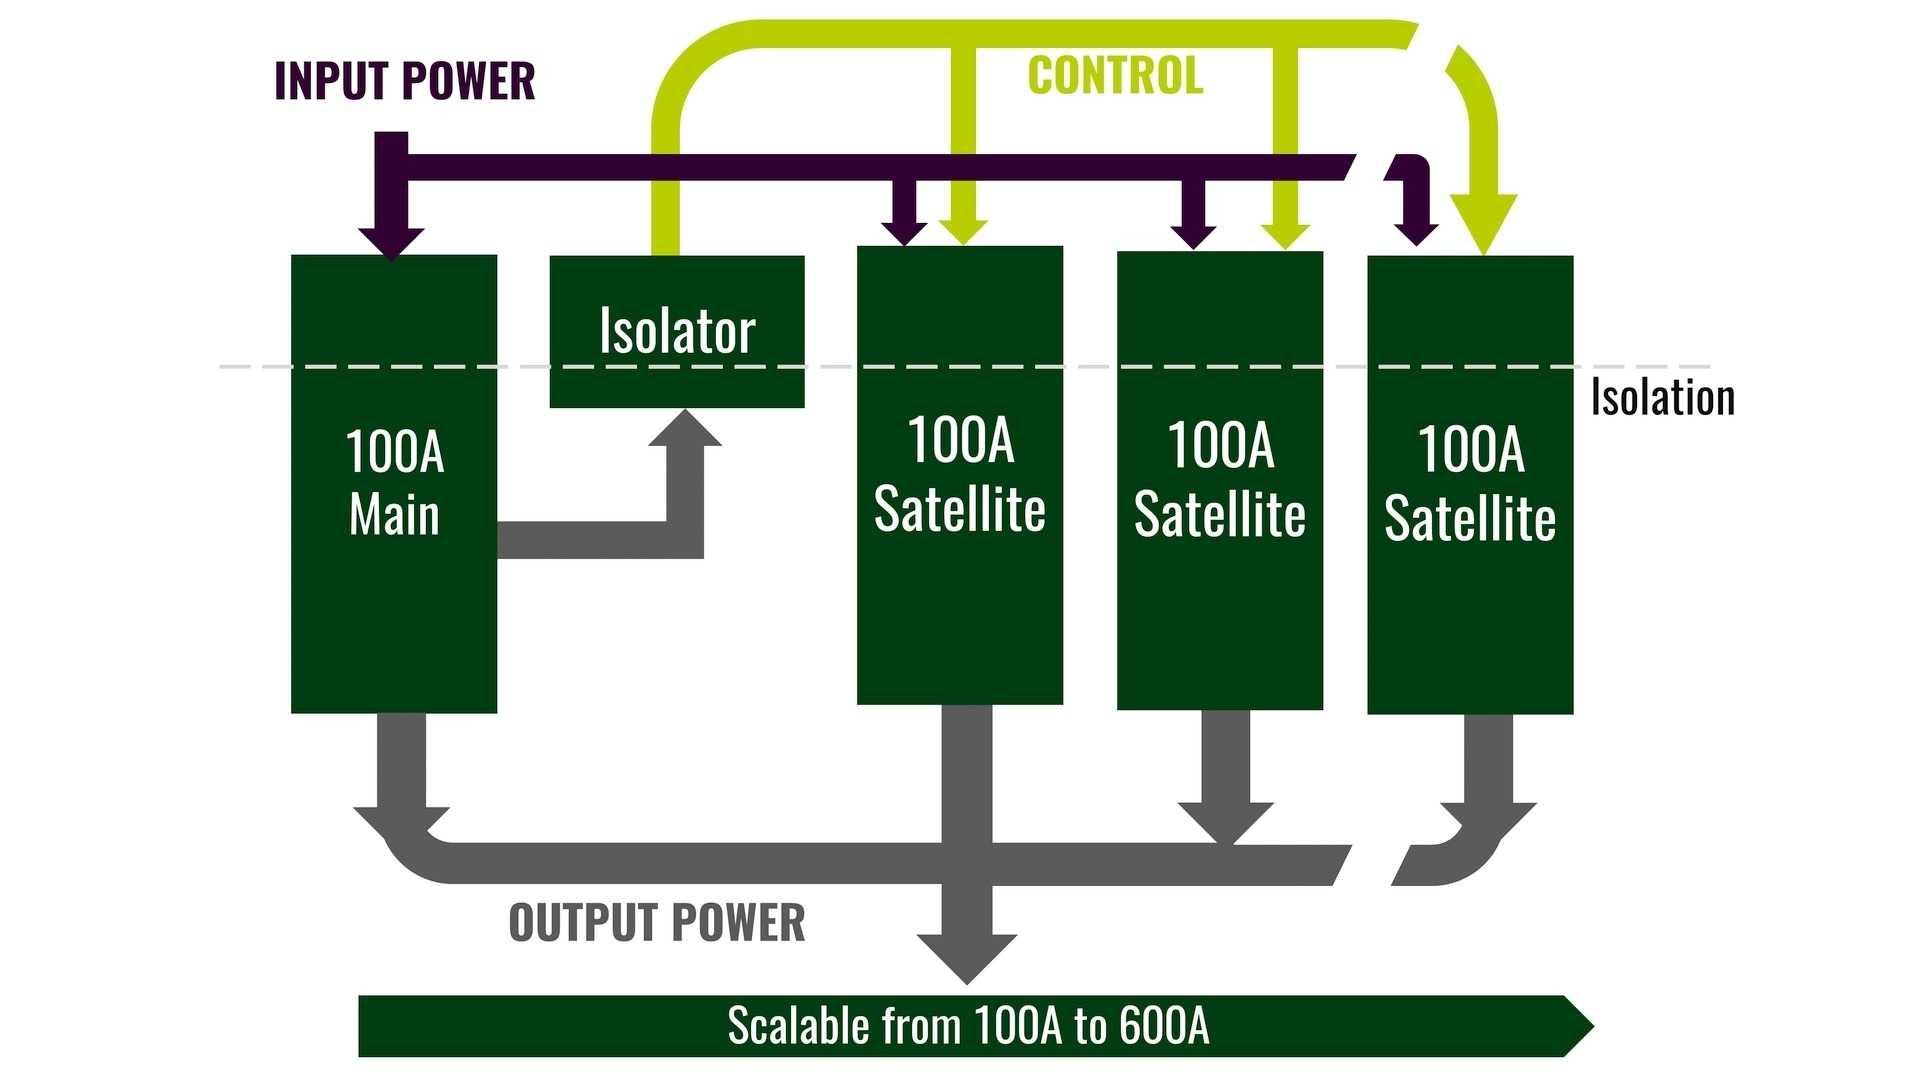 Spannungswandler-Konzept der Power Stamp Alliance